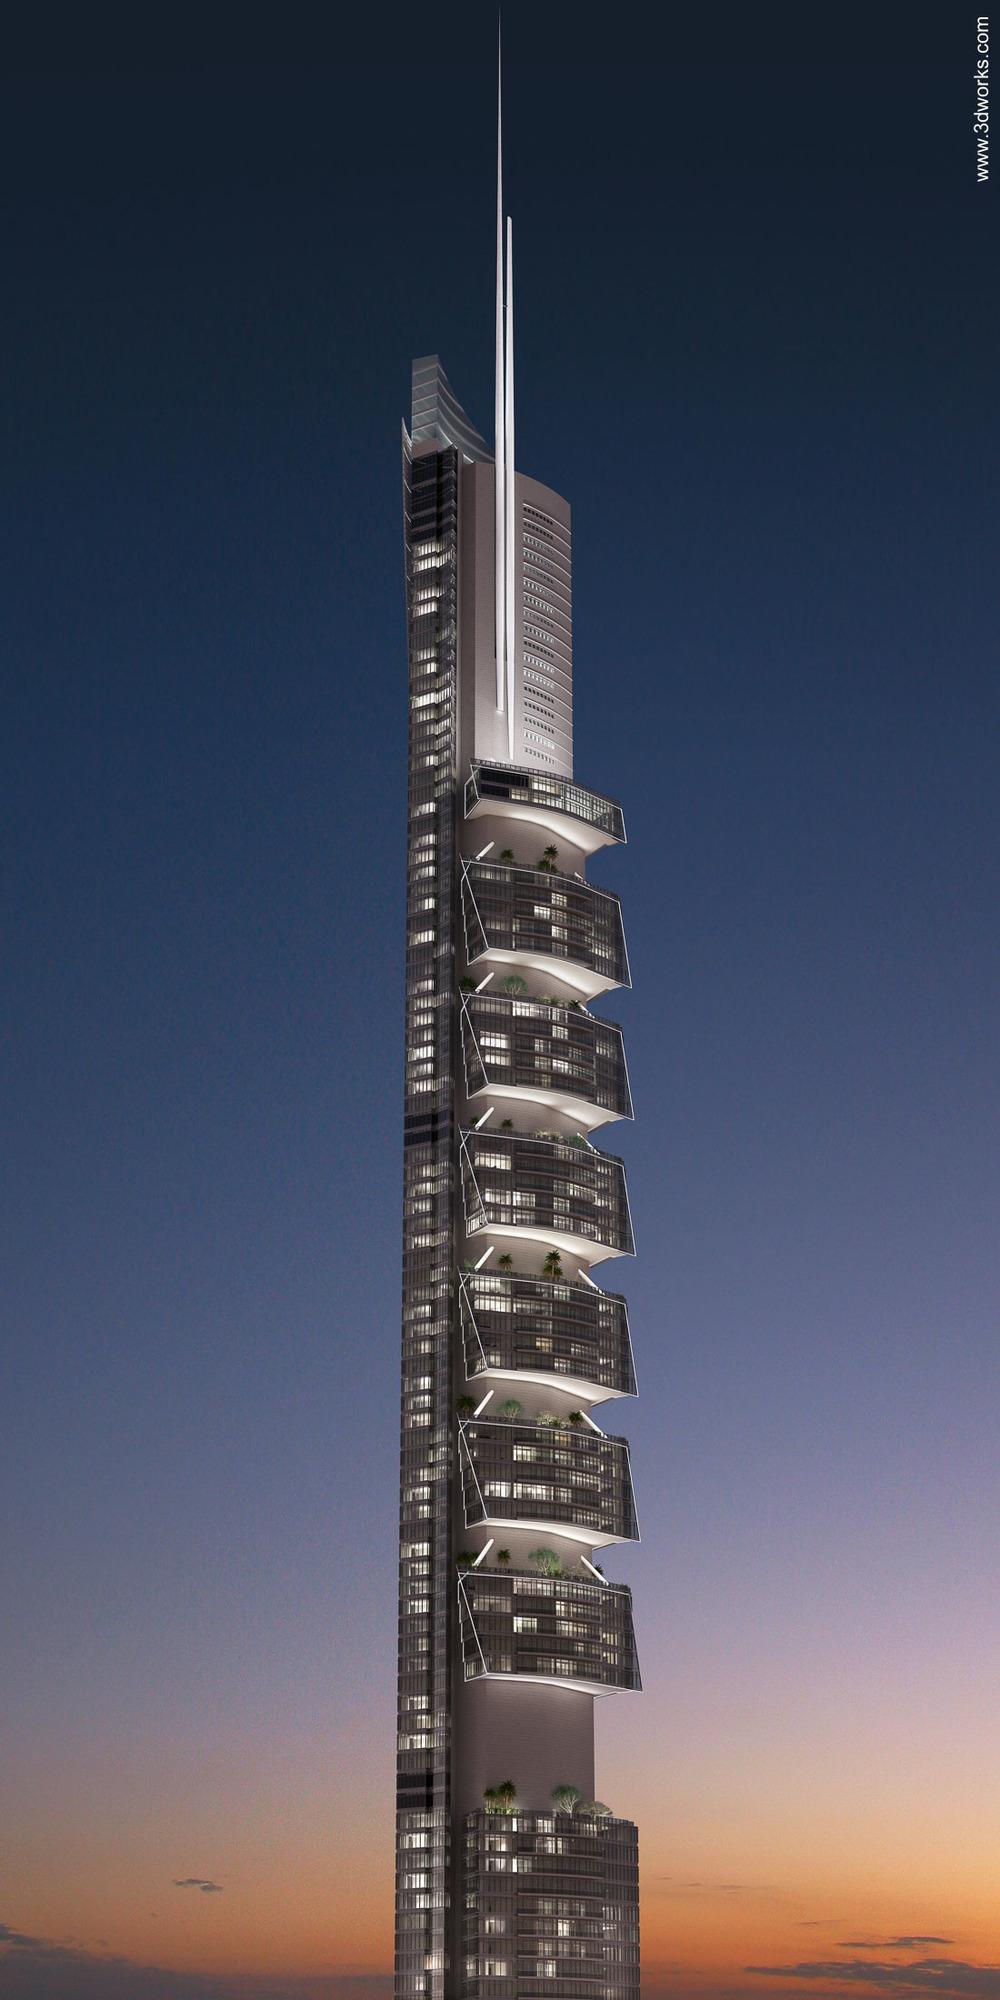 Visualisierung und Lichtsimulation, Pentominium Dubai, Lichtstudie - Kardorff Ingenieure Lichtplanung